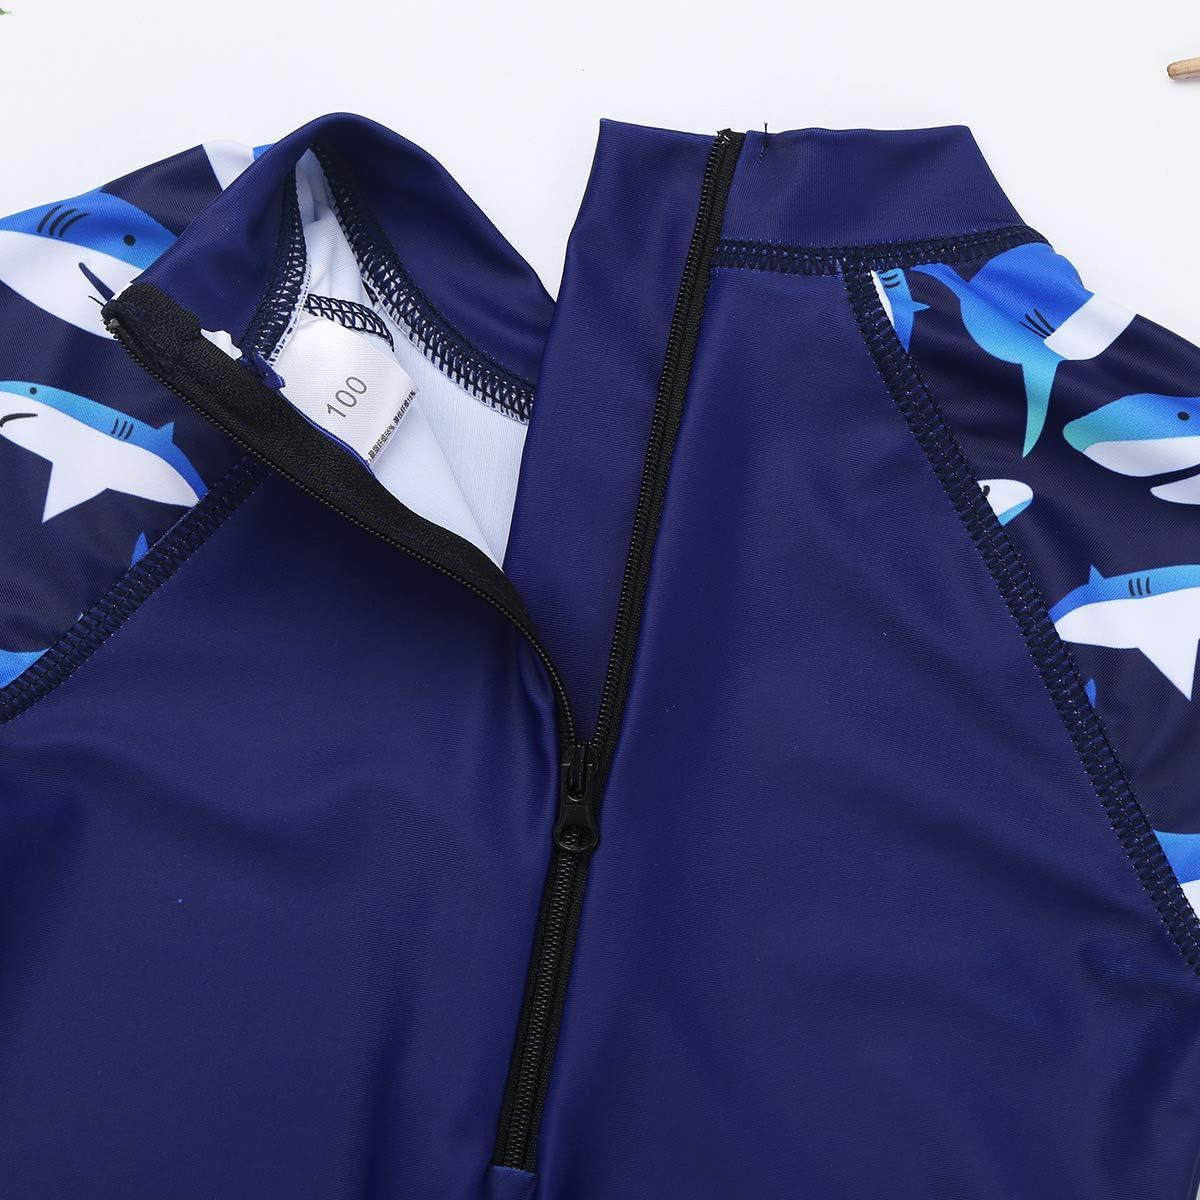 UV Protective Swimsuit Bathing Suit YiZYiF Baby Boys Toddler Stripes Short Sleeve UPF 50